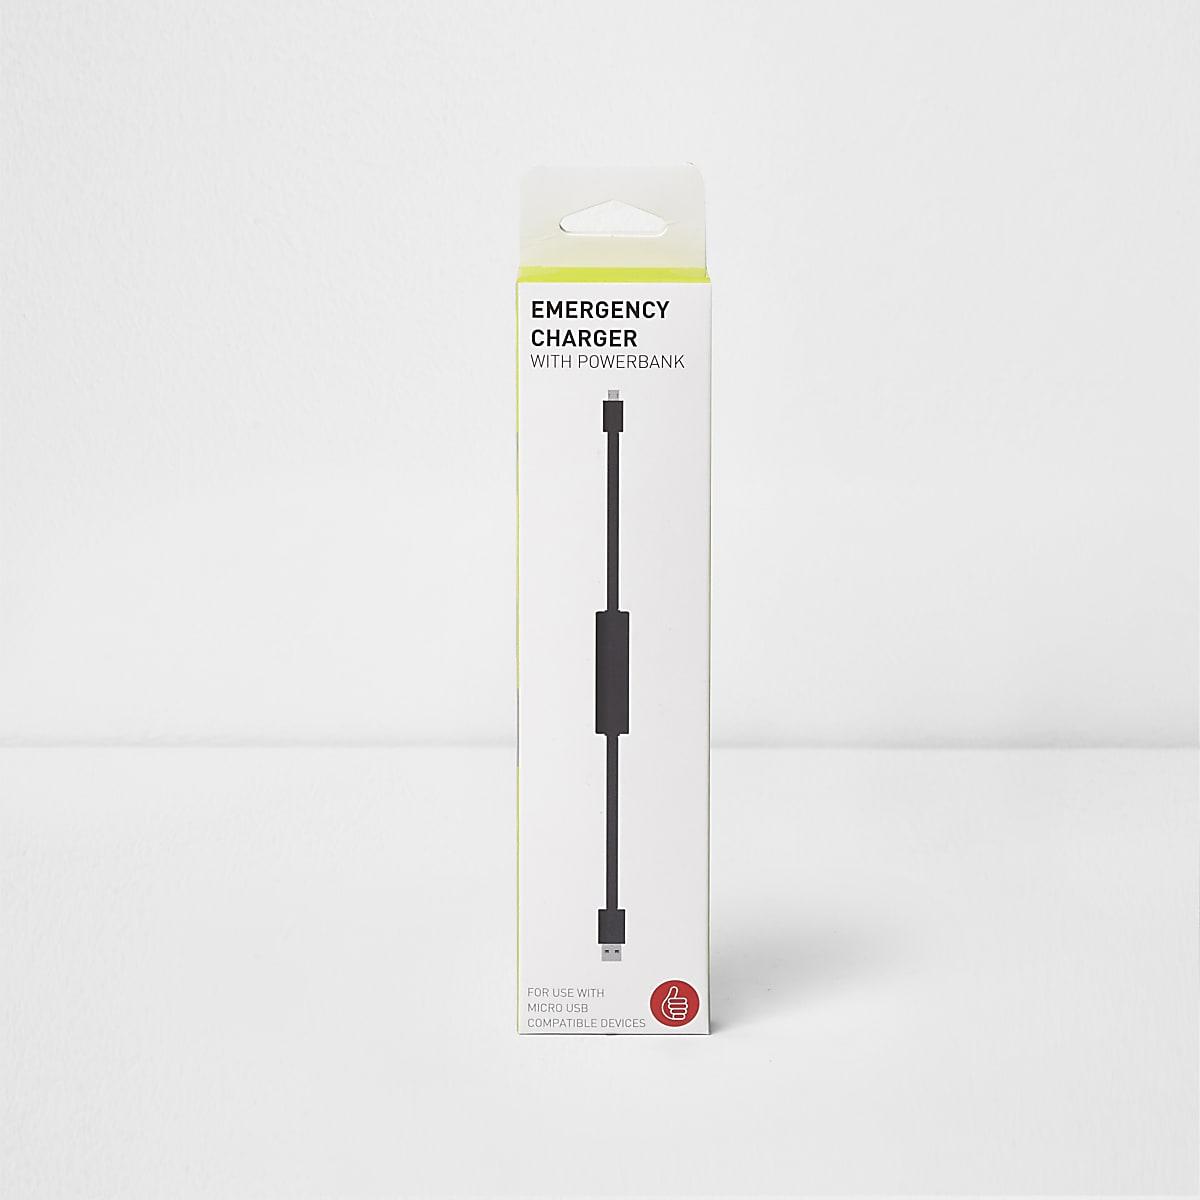 Chargeur d'urgence noir avec batterie